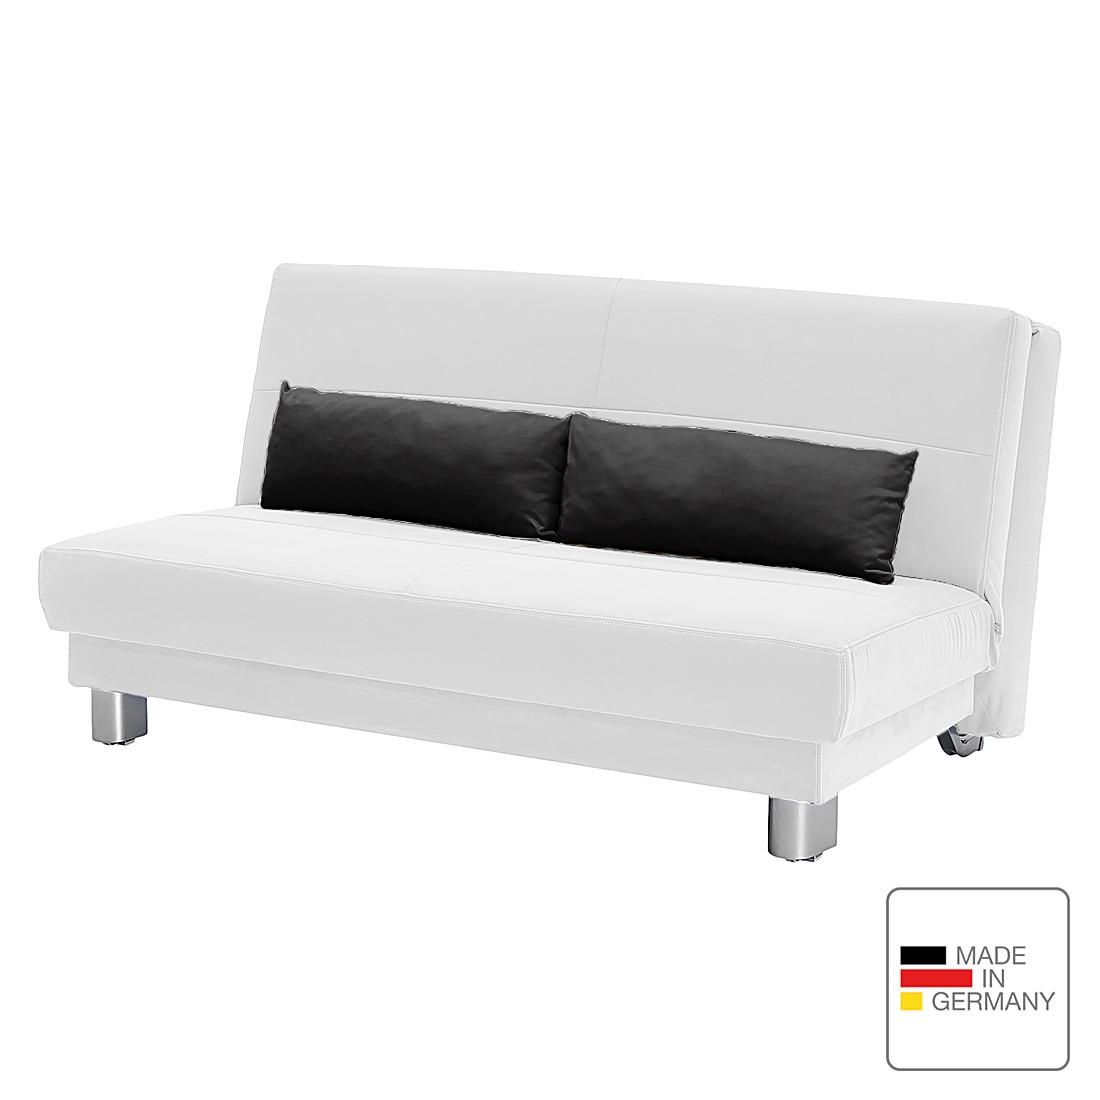 Schlafsofa Motard – Flachgewebe – Weiß / Schwarz – 158 cm, Studio Monroe günstig